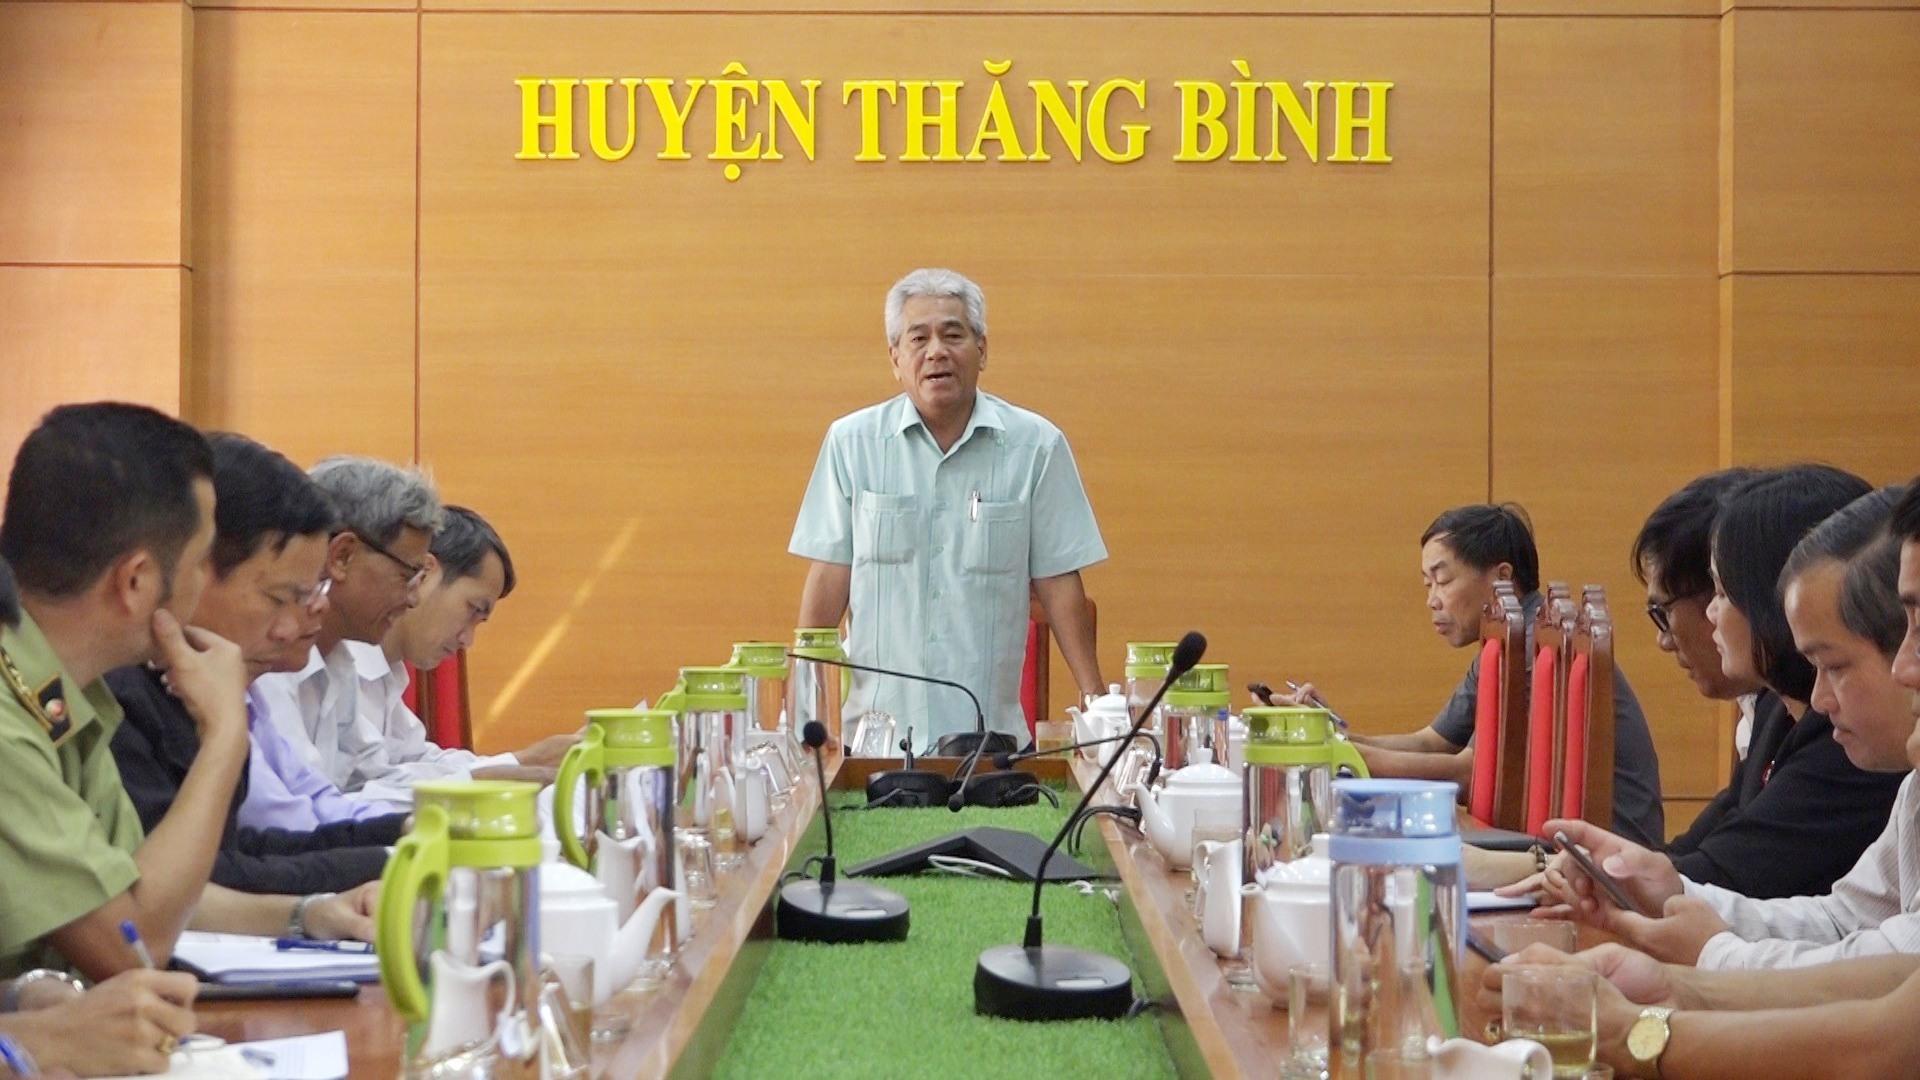 Huyện Thăng Bình họp bàn công tác phòng chống dịch bệnh trên đàn vật nuôi. Ảnh: BIÊN THỰC